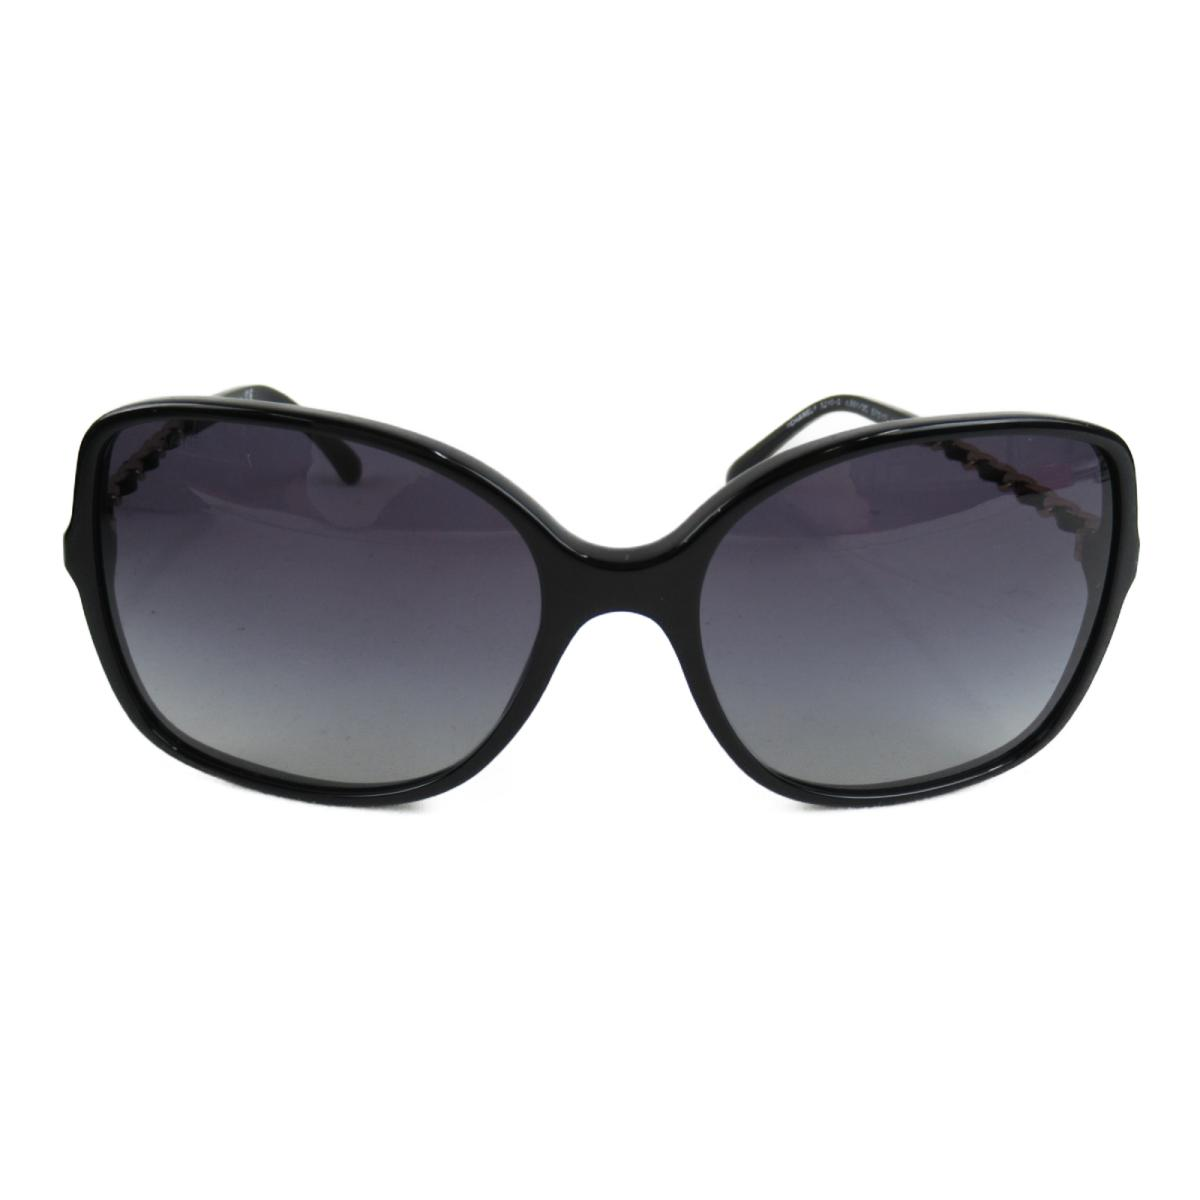 シャネル サングラス レディース プラスチック x メタル ブラック (5210Q 501/3C) | CHANEL BRANDOFF ブランドオフ ブランド ブランド雑貨 小物 雑貨 眼鏡 メガネ めがね